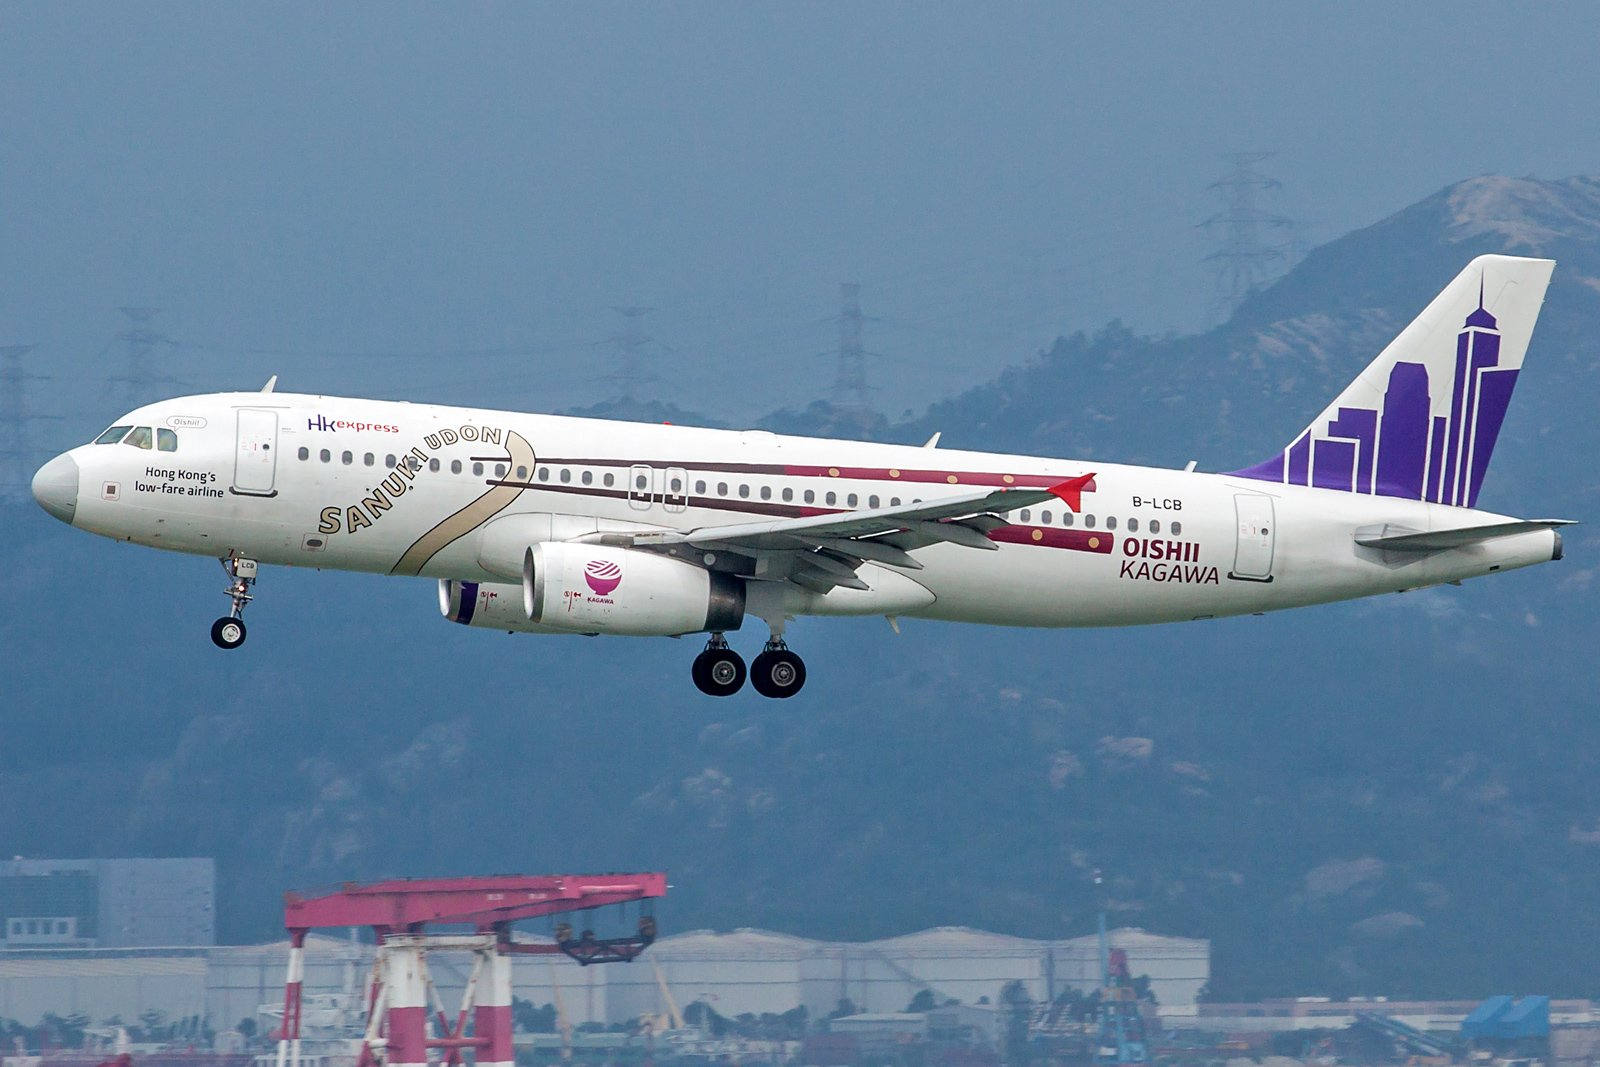 Hong Kong Express Airbus A320-232 B-LCB